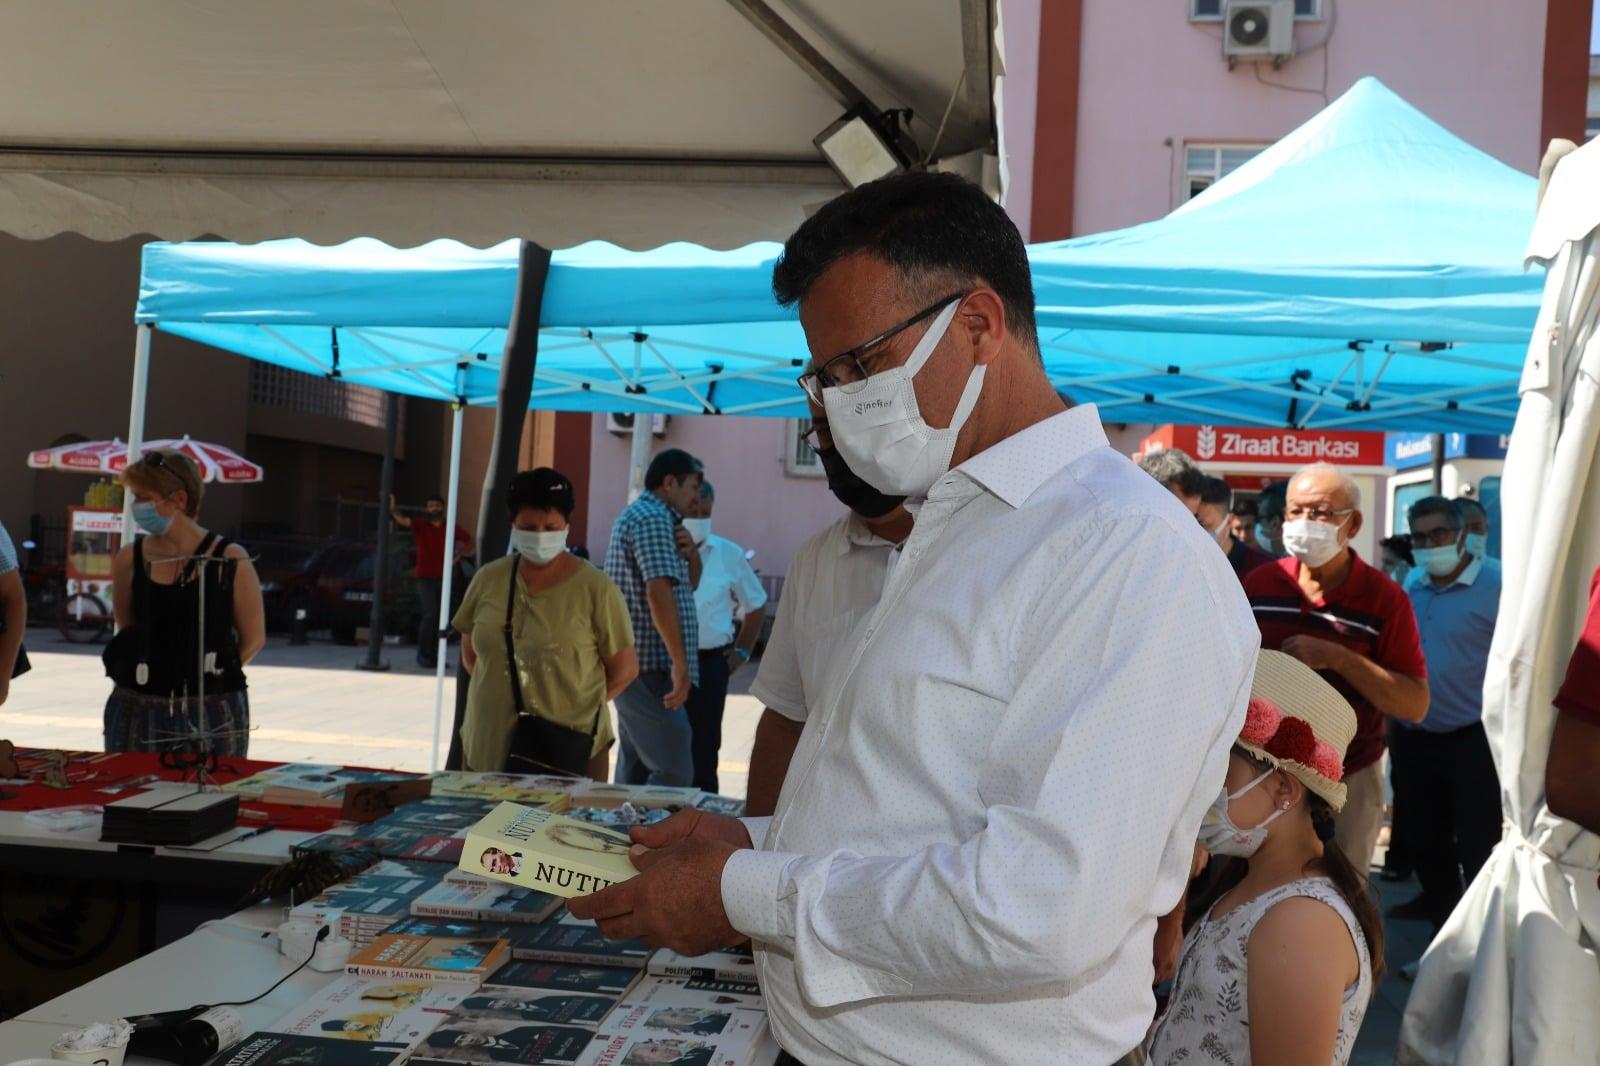 Alaşehir Kongresi Adına Kitap Fuarı Düzenledik